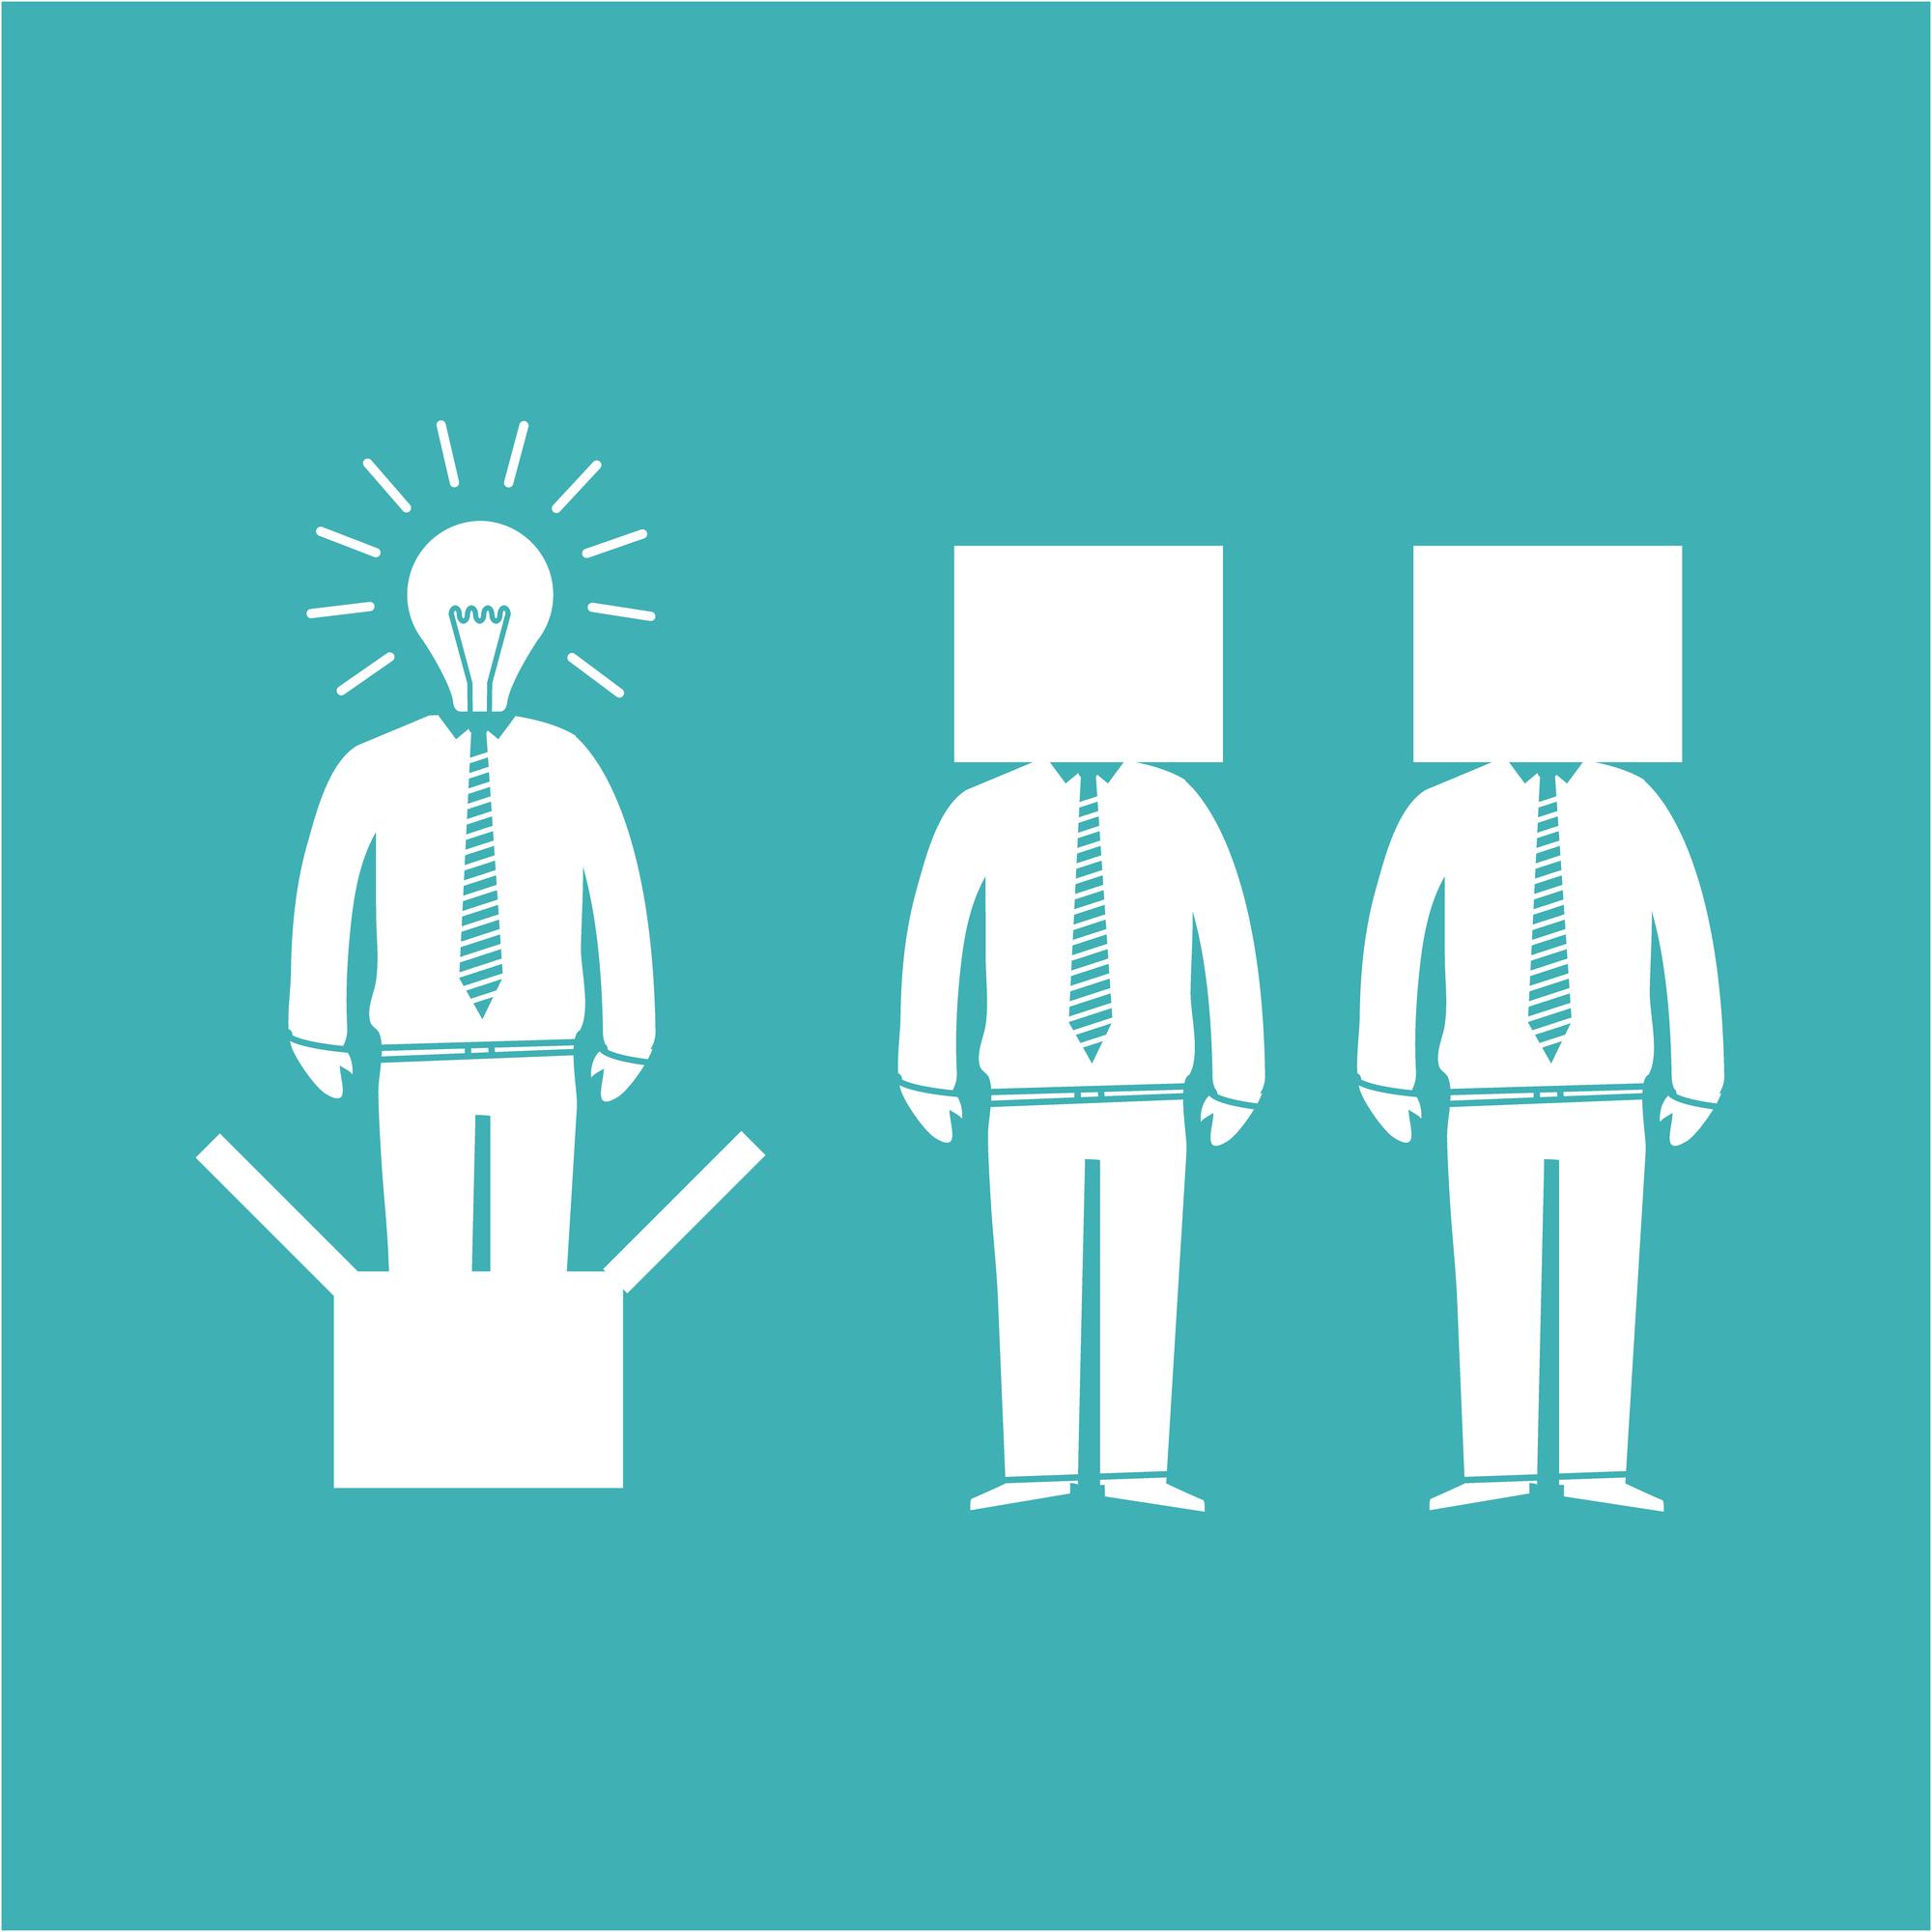 Le persone sono gli ingredienti dell'innovazione